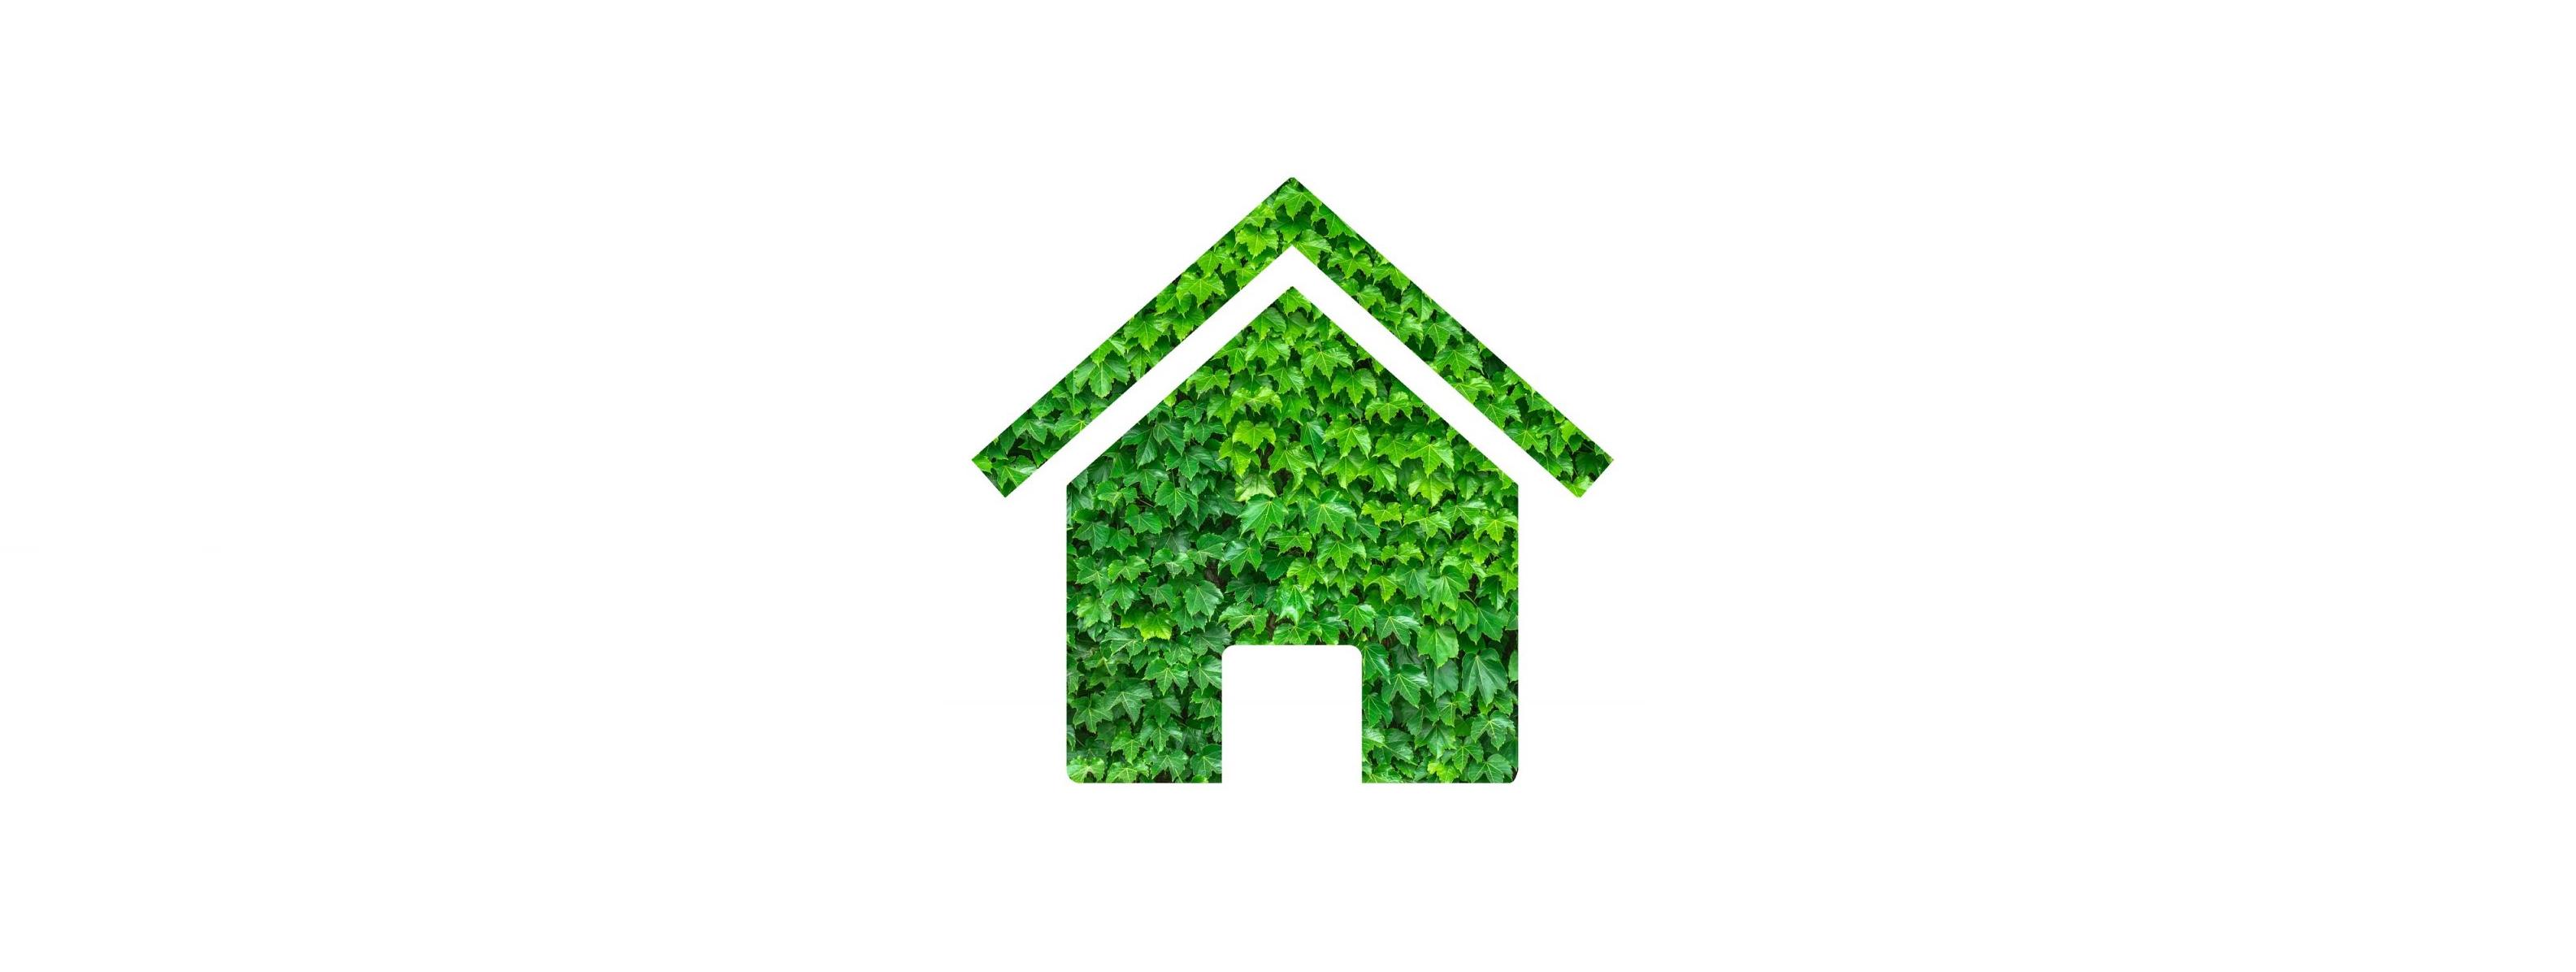 casa-sustentavel-verde-natureza-economia-sustentabilidade-energia-consumo-consciente-material